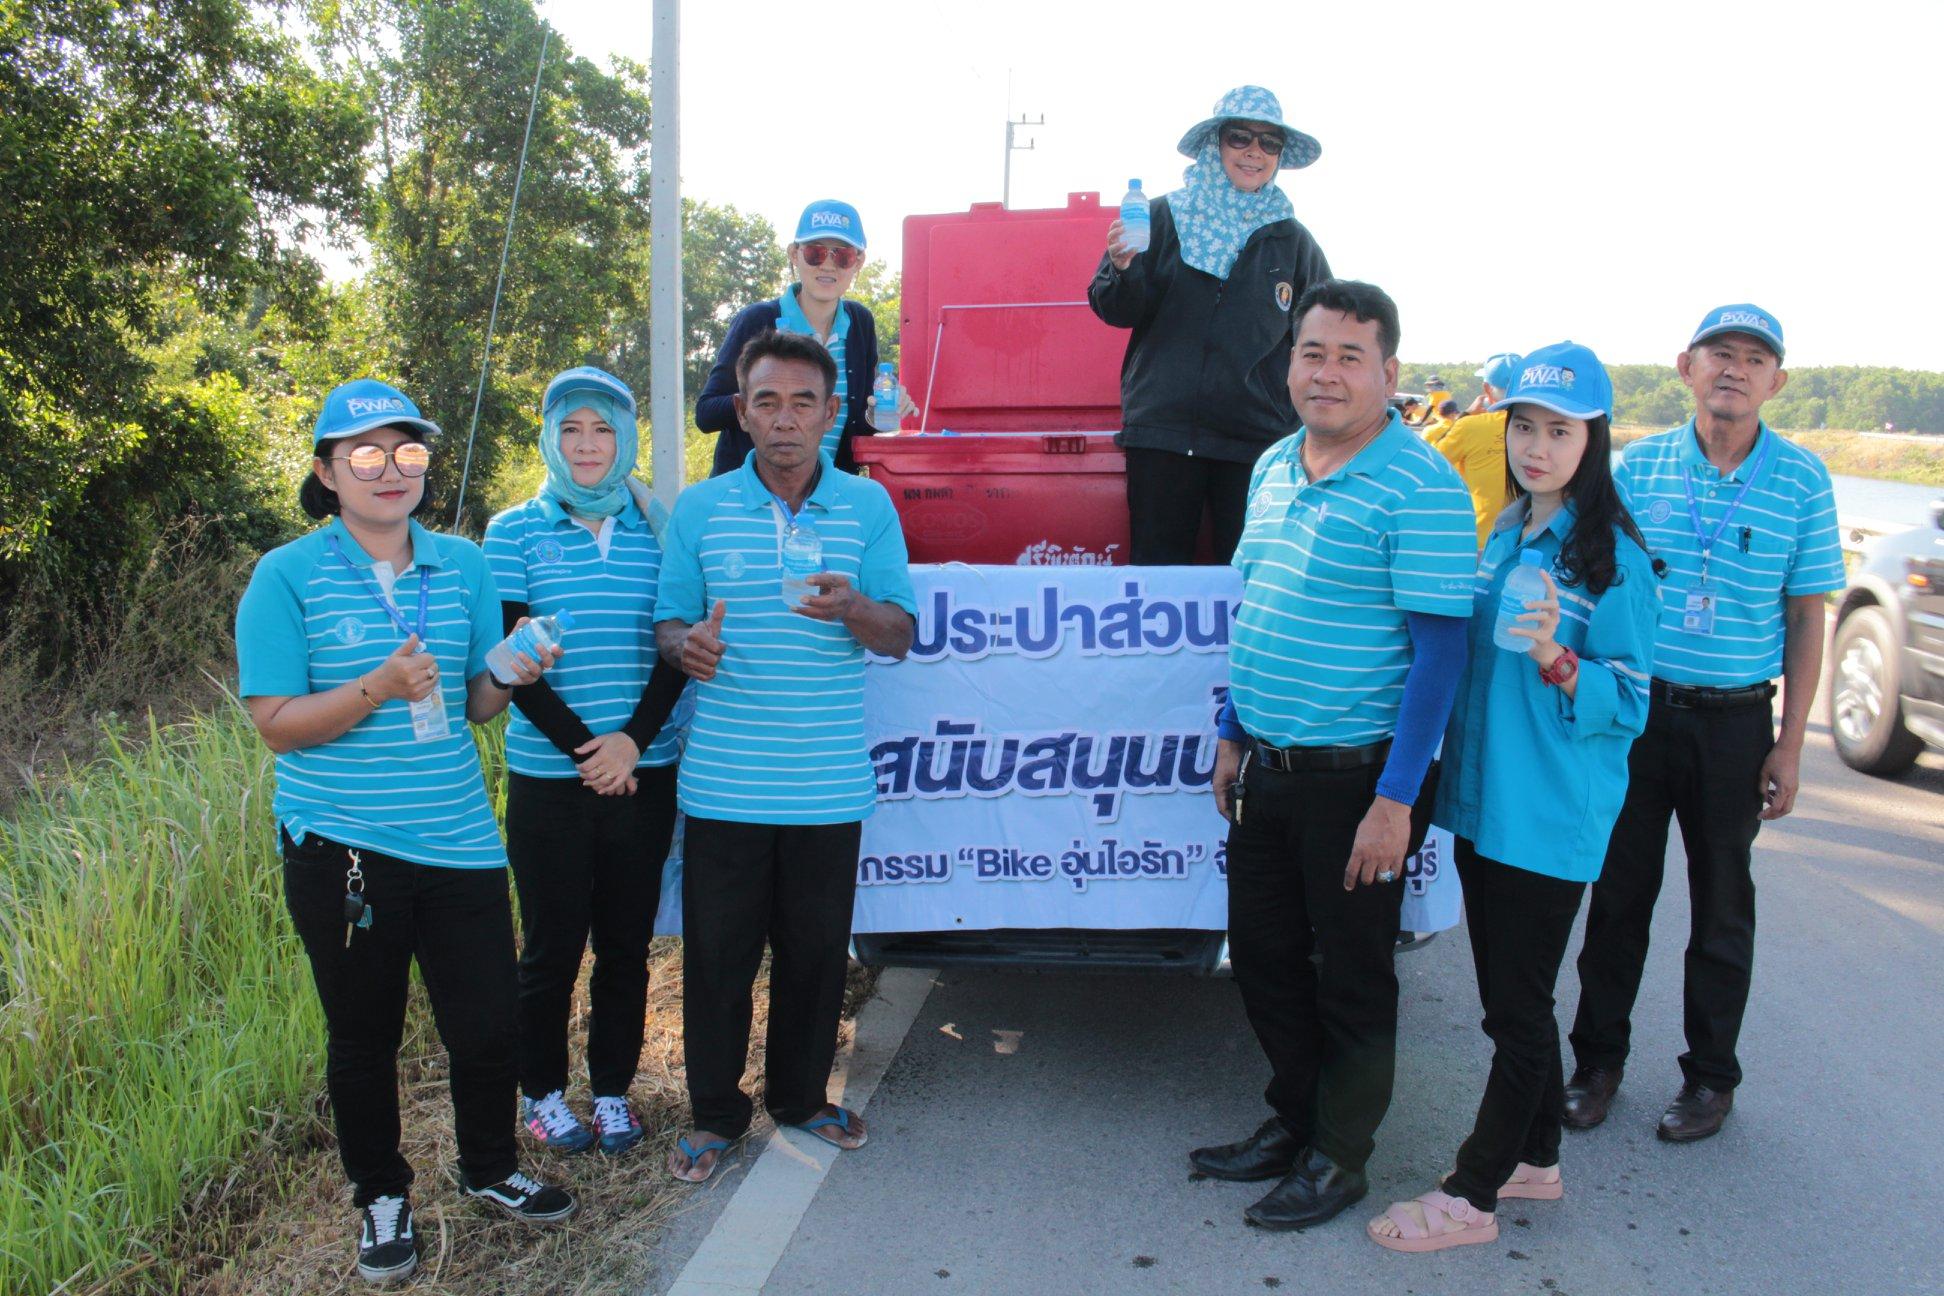 """กปภ.สาขาจันทบุรี นำน้ำดื่มมาบริการให้กับ จิตอาสาที่ได้ร่วมทำความสะอาดถนนบริเวณ คลองภักดีรำไพ เพื่อเตรียมการจัดกิจกรรม """"bike อุ่นไอรัก"""" จังหวัดจันทบุรี ในวันที่ 9 ธันวาคม 2561"""